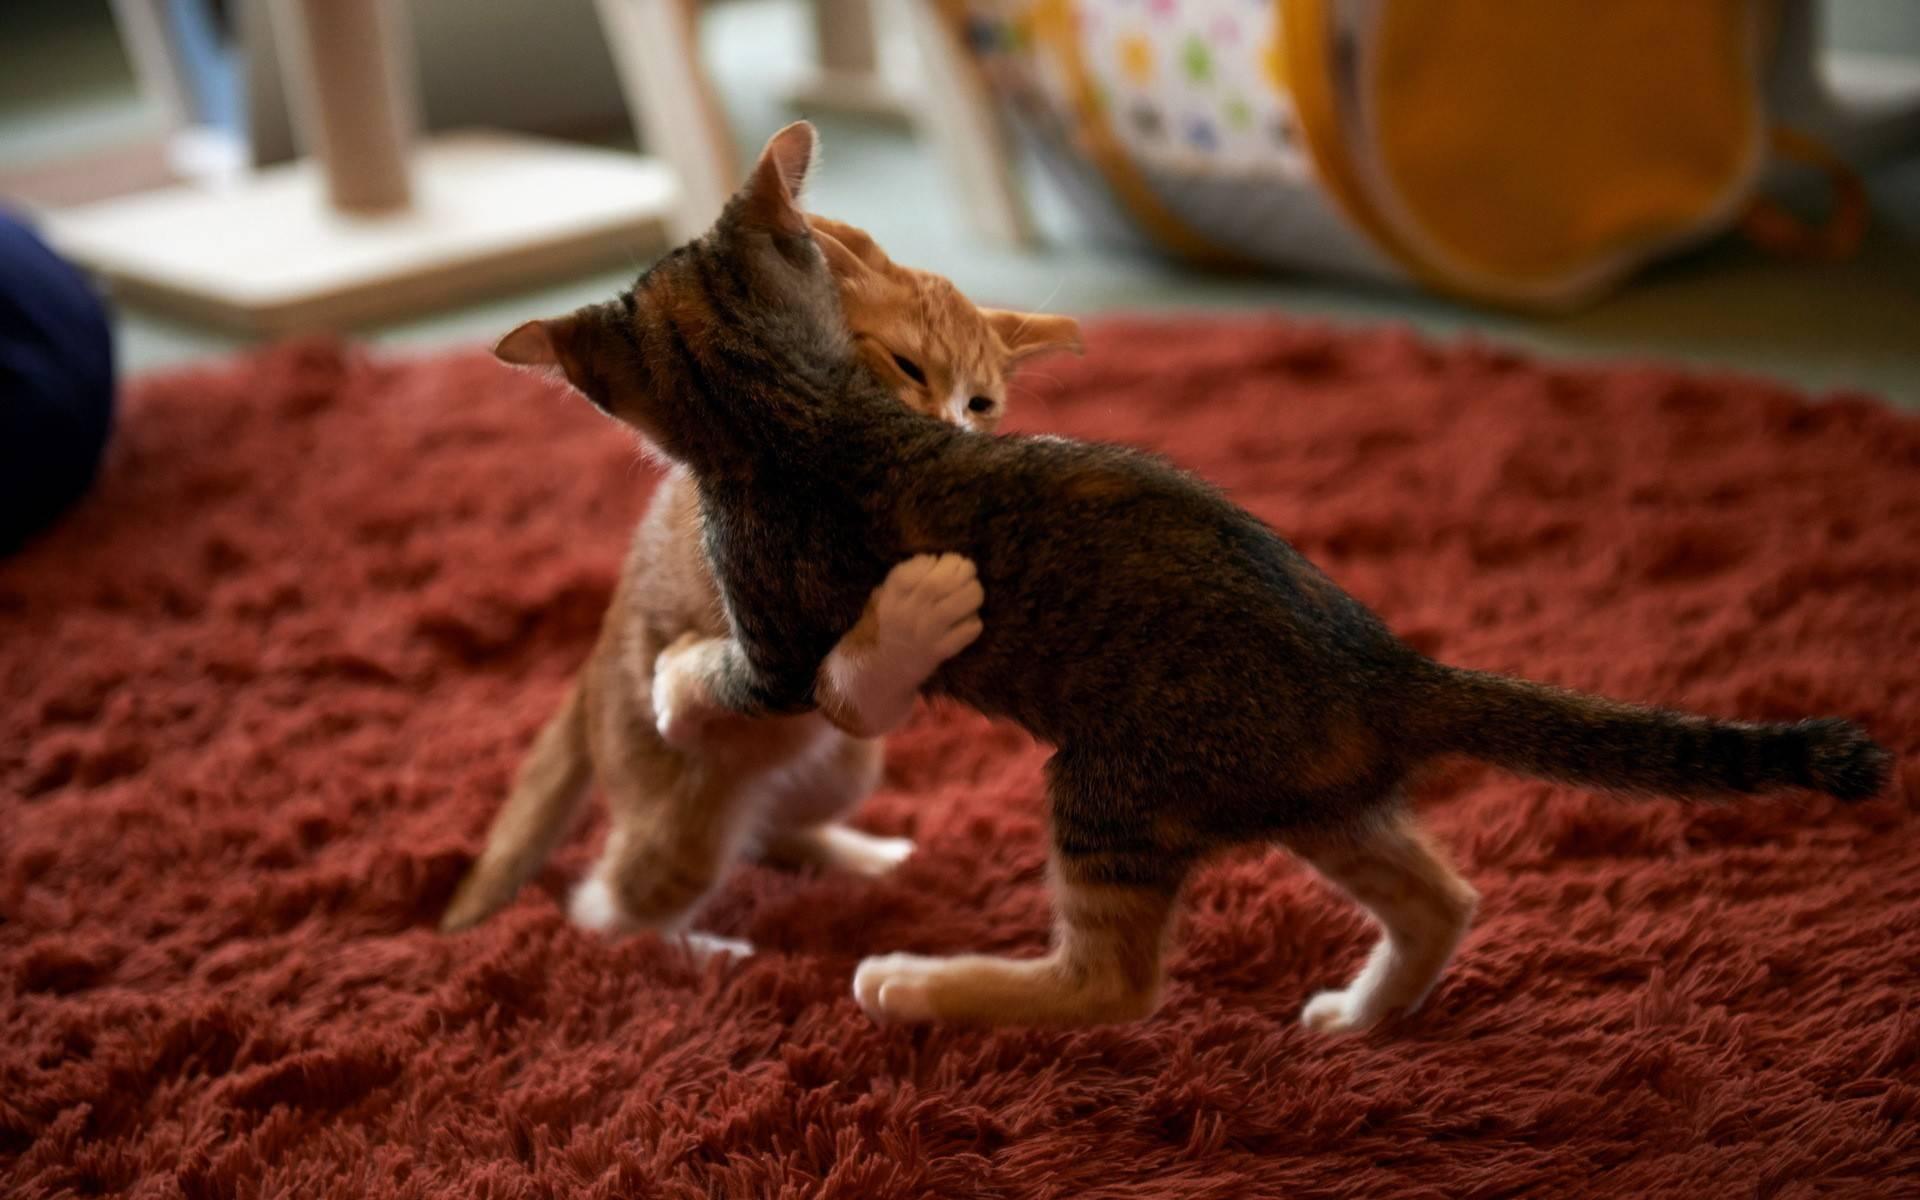 Что означает шипение кошки: самые распространенные причины поведения животного - досуг